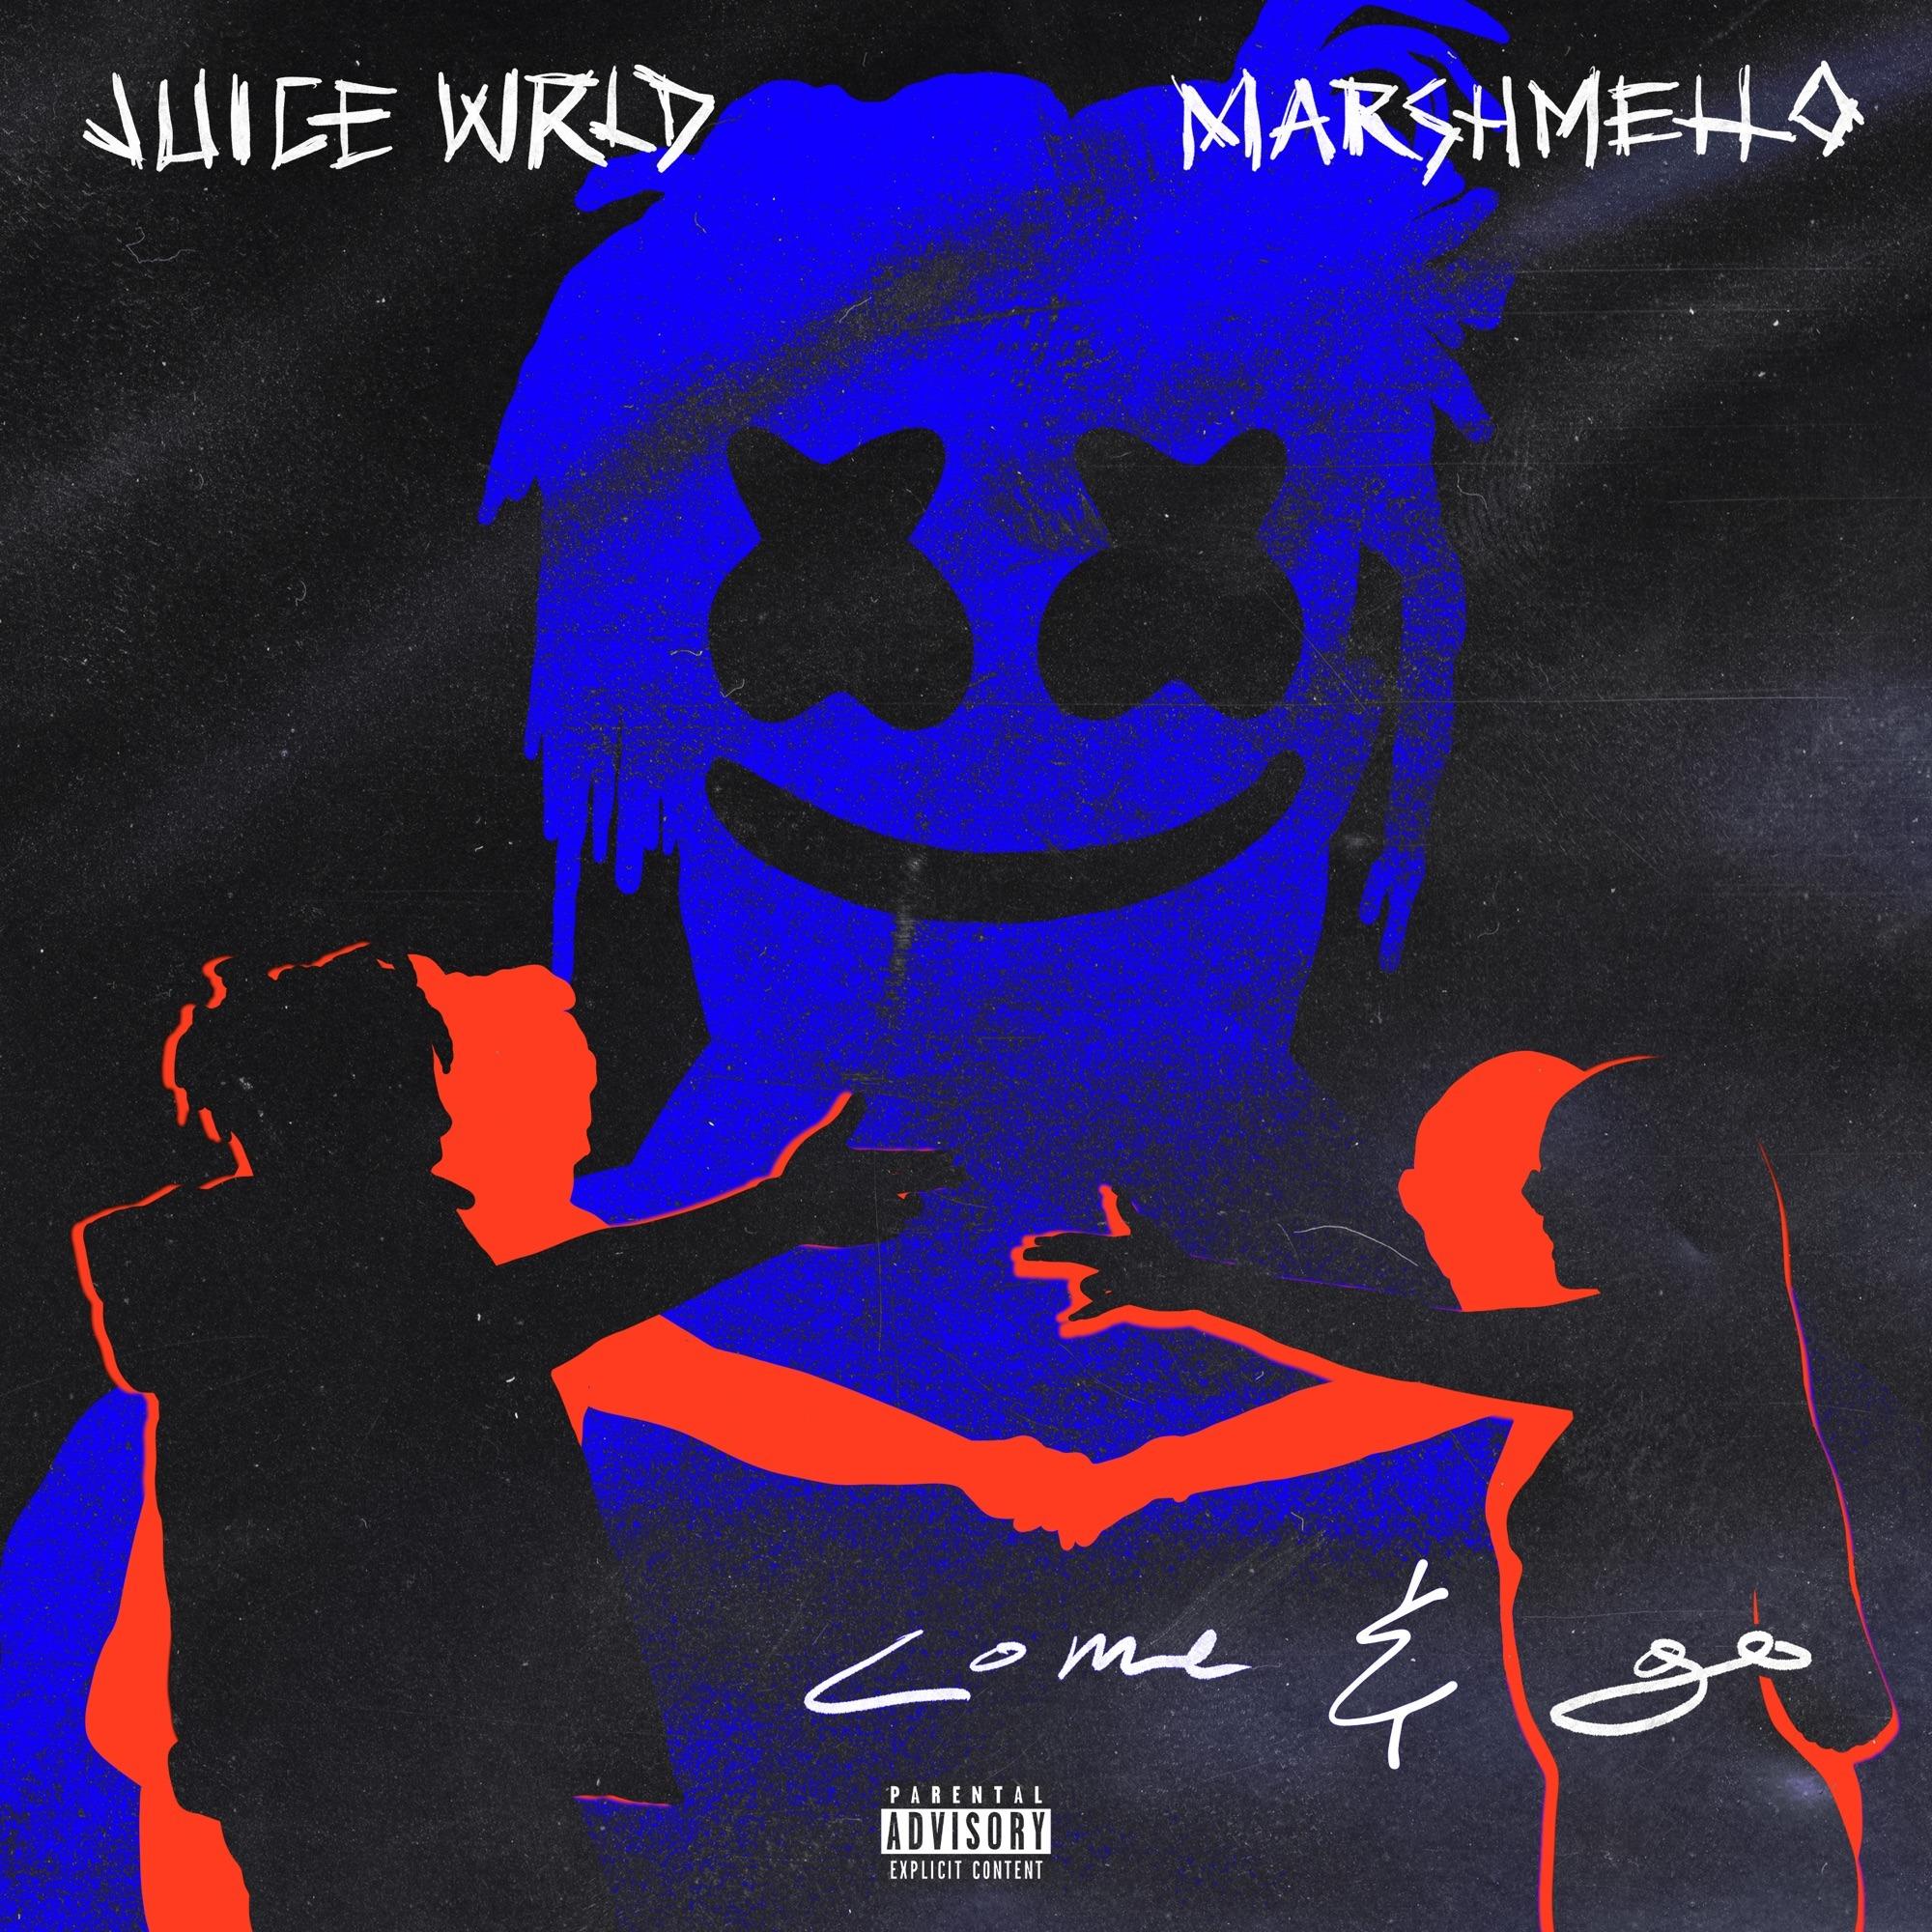 New Single: Juice WRLD & Marshmello - Come & Go